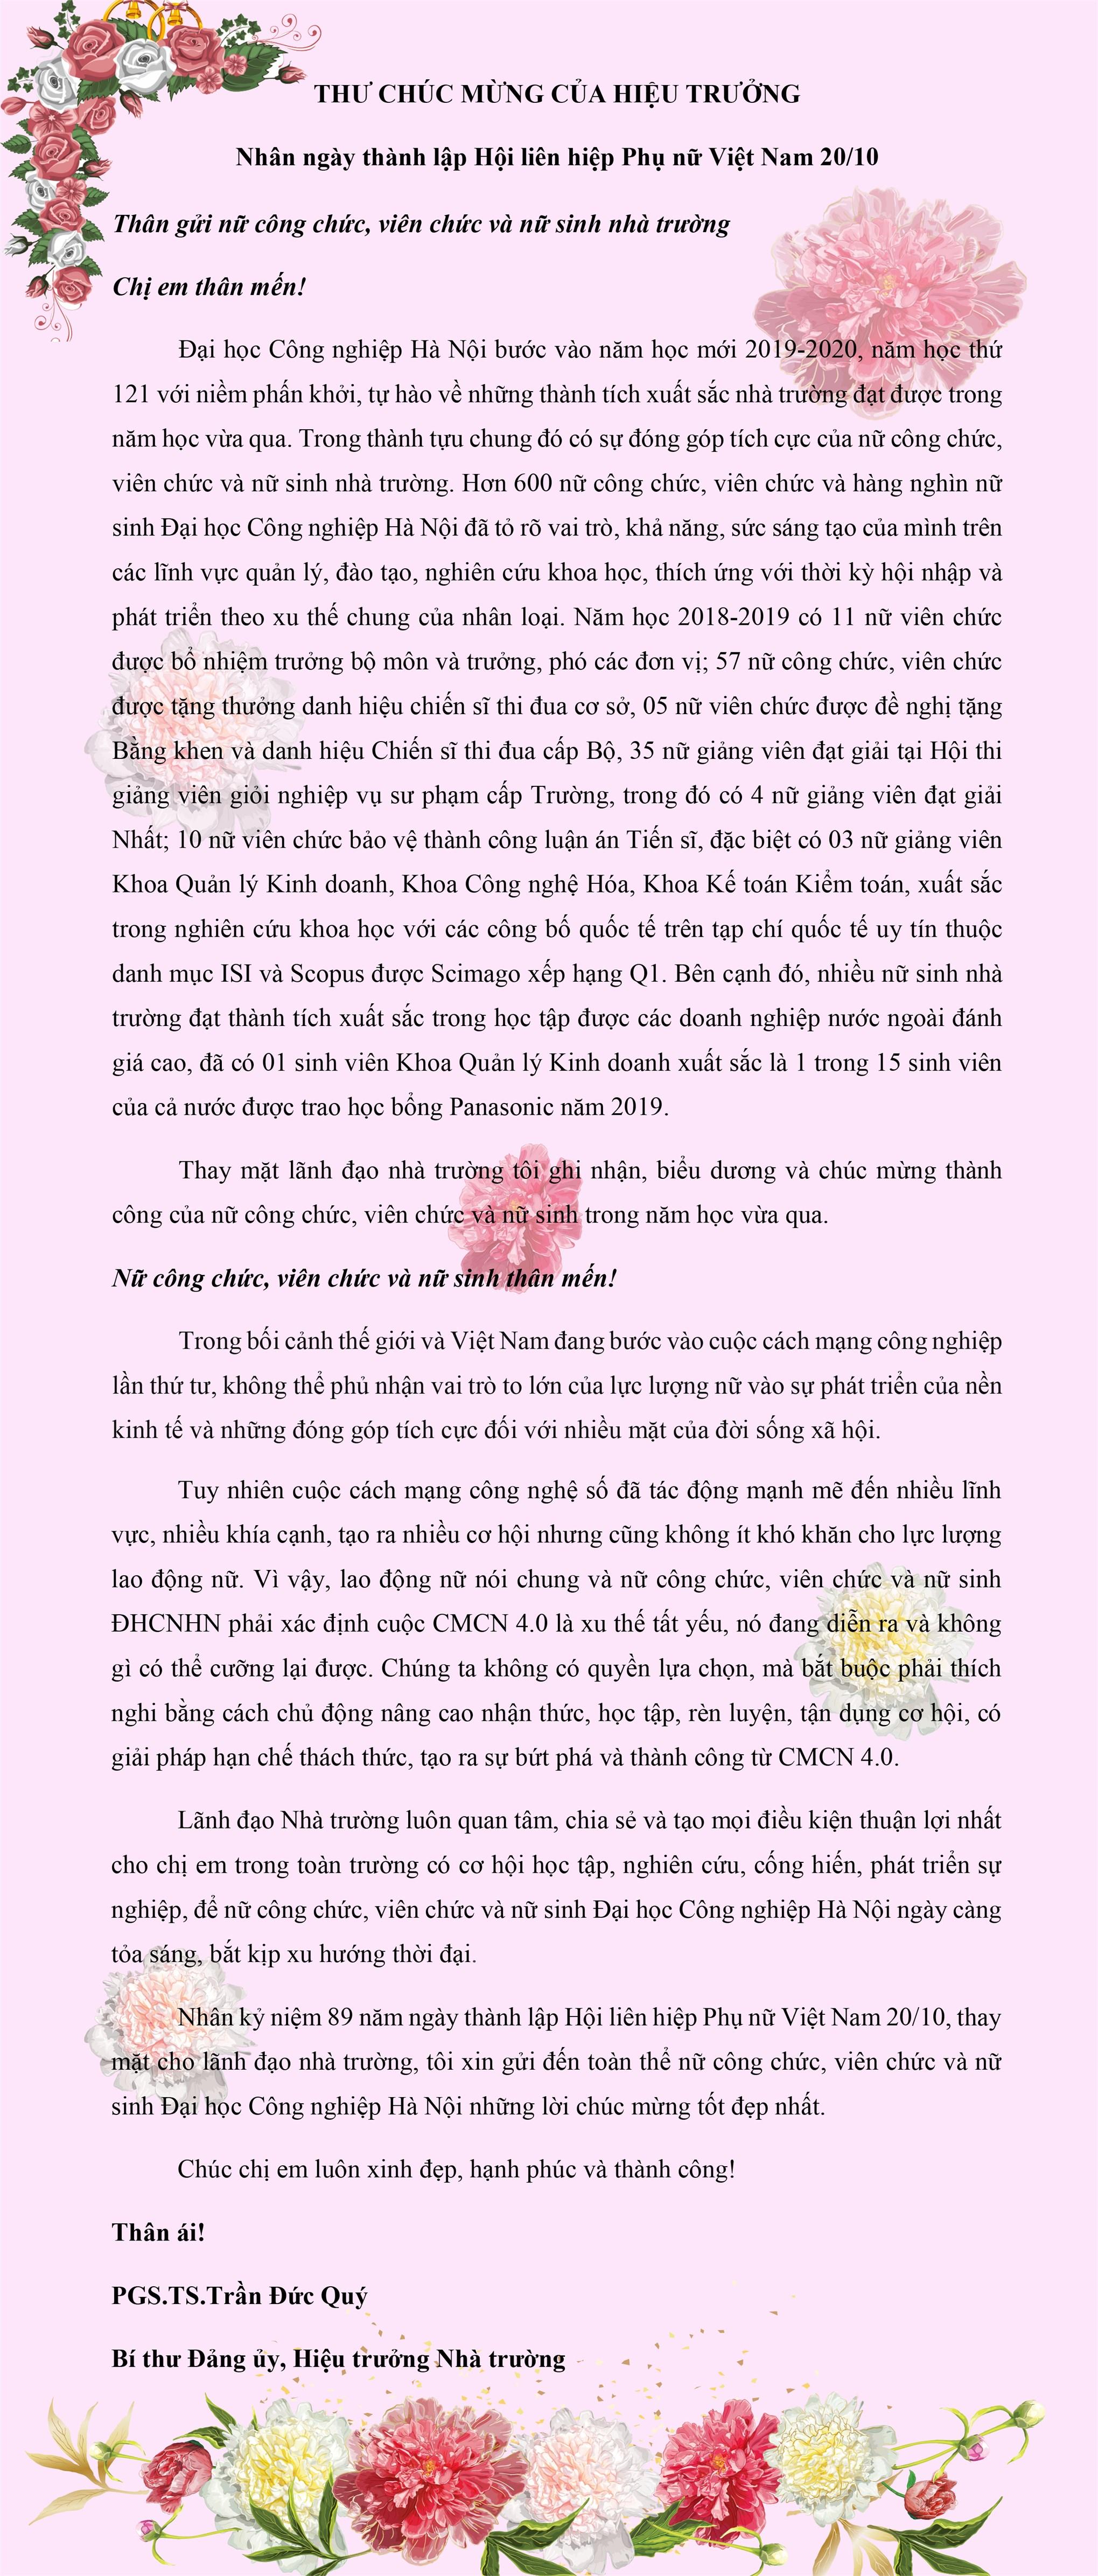 Thư chúc mừng Hiệu trưởng nhân ngày thành lập Hội liên hiệp Phụ nữ Việt Nam 20/10